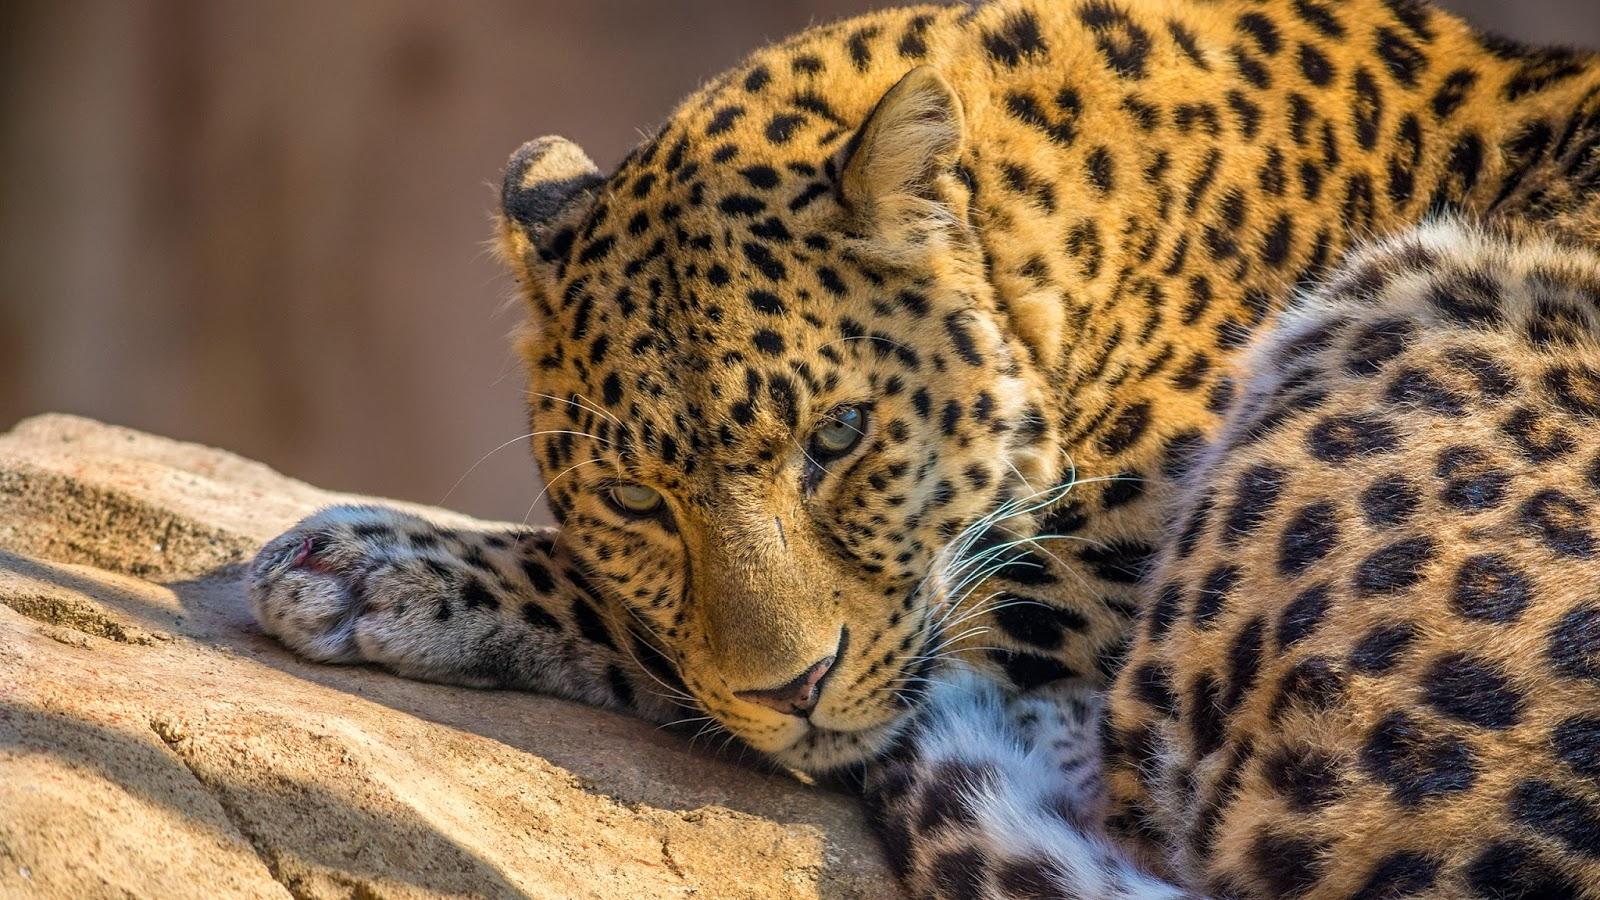 zoo leopard